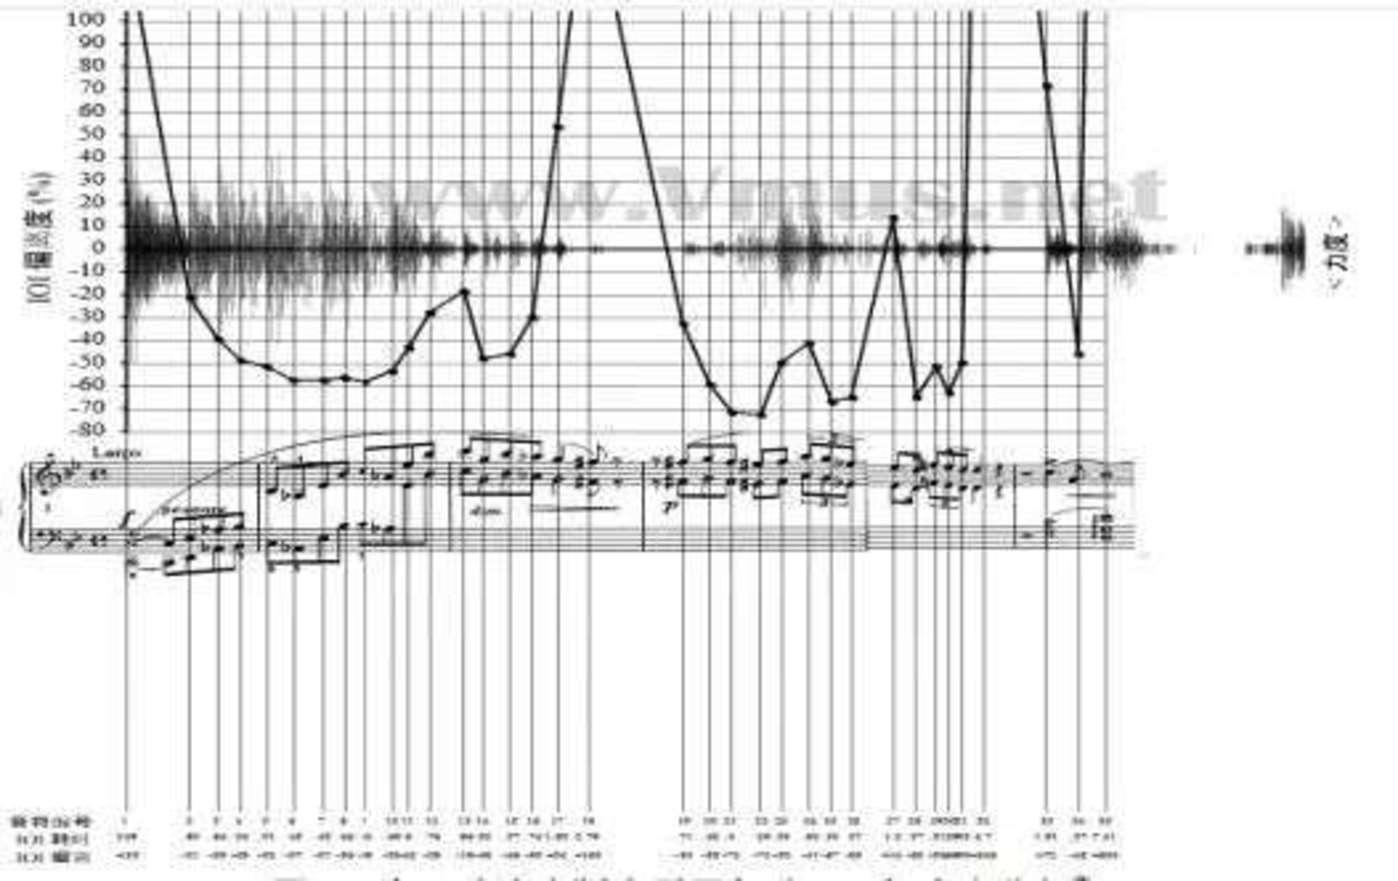 李云迪版本的可视化图像  图源:钢琴演奏的可视化研究——以肖邦为例